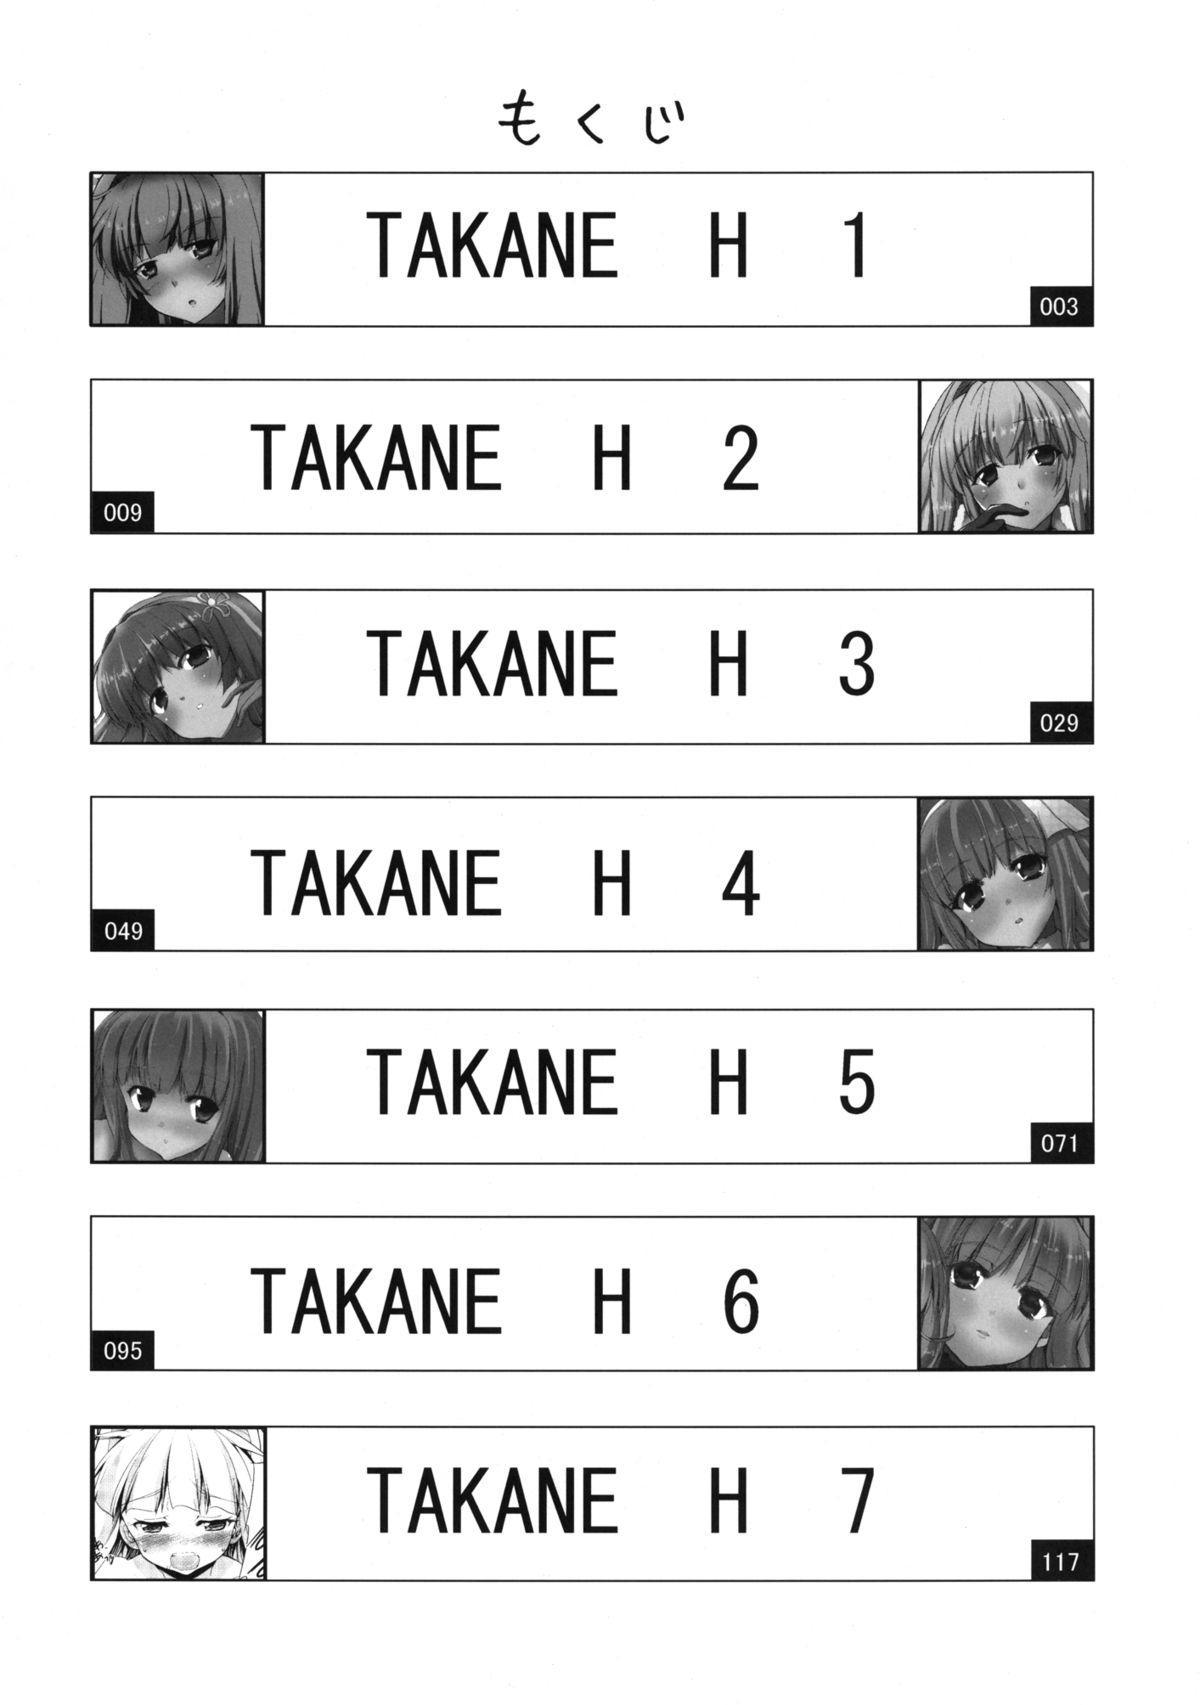 TAKANE H MEMORIES 7